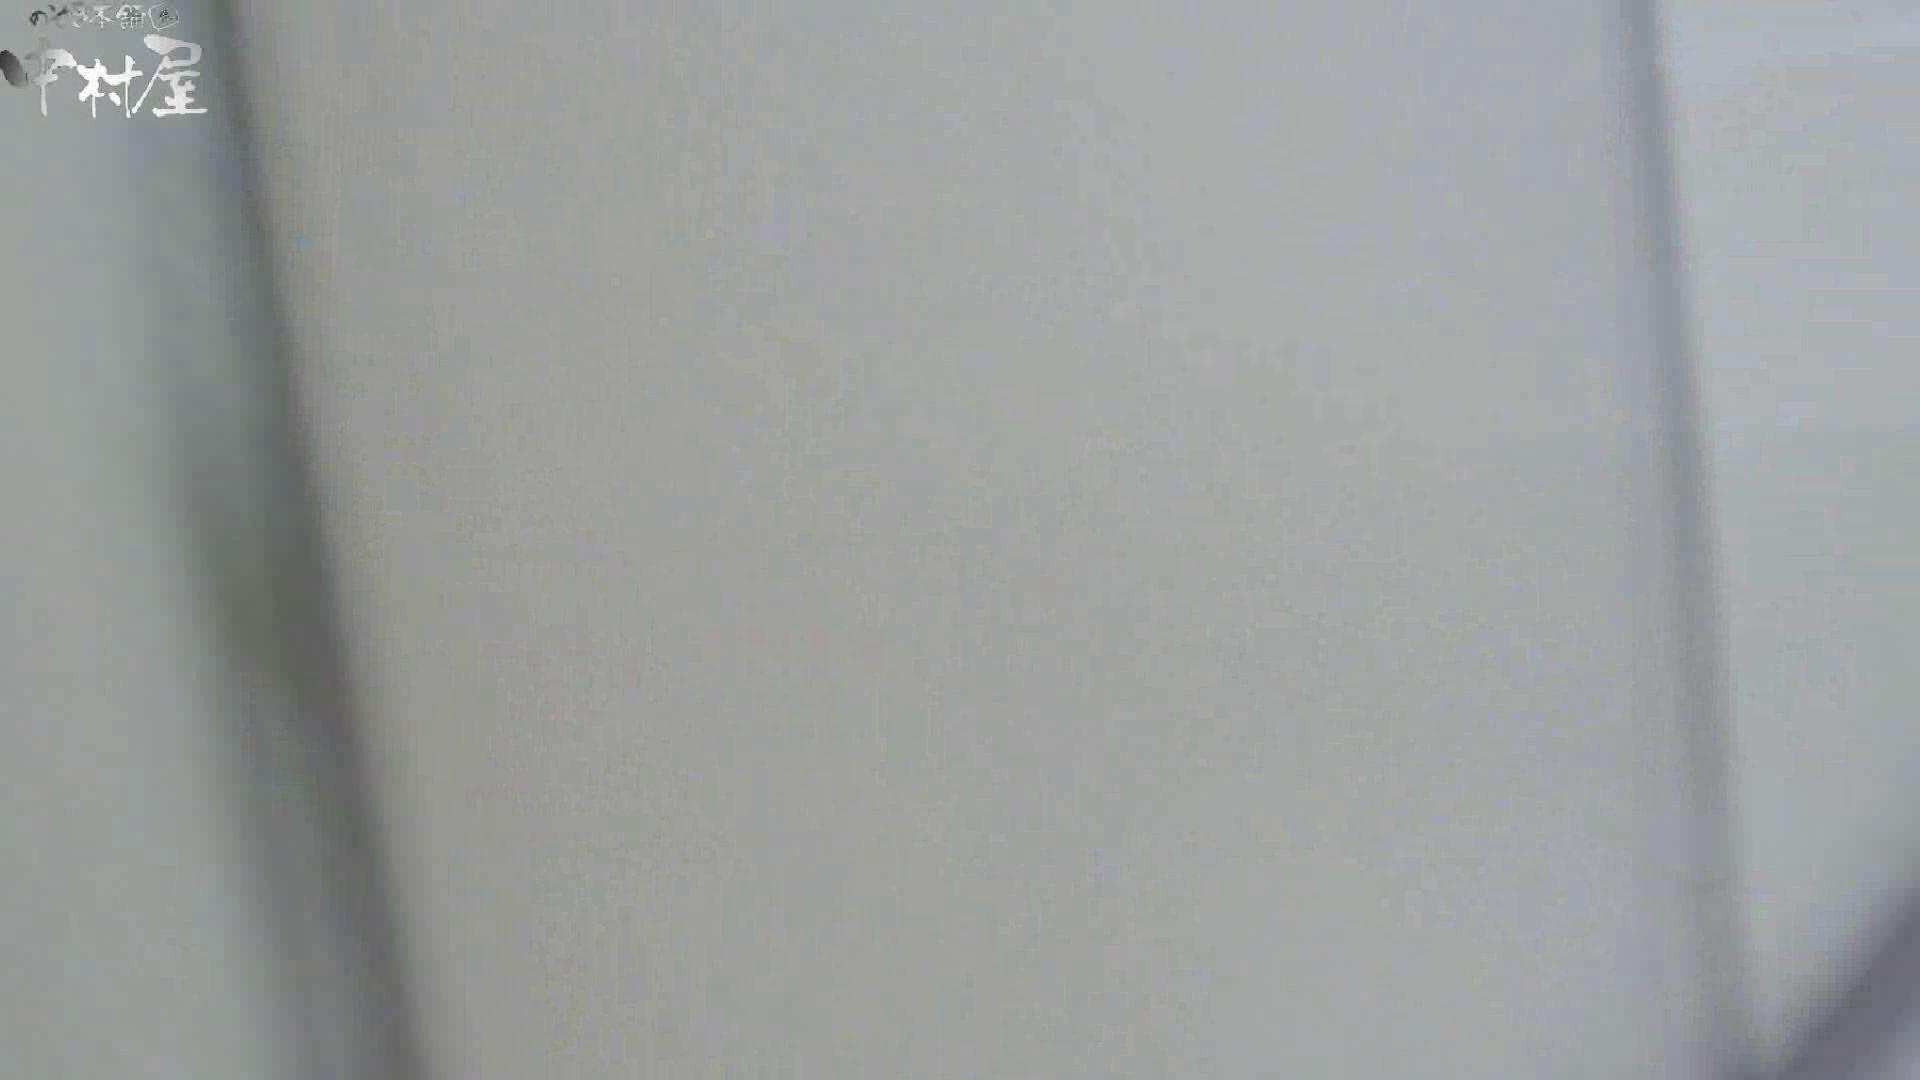 魂のかわや盗撮62連発! 中腰でオマンコパカァ~ 44発目! マンコ  83pic 9